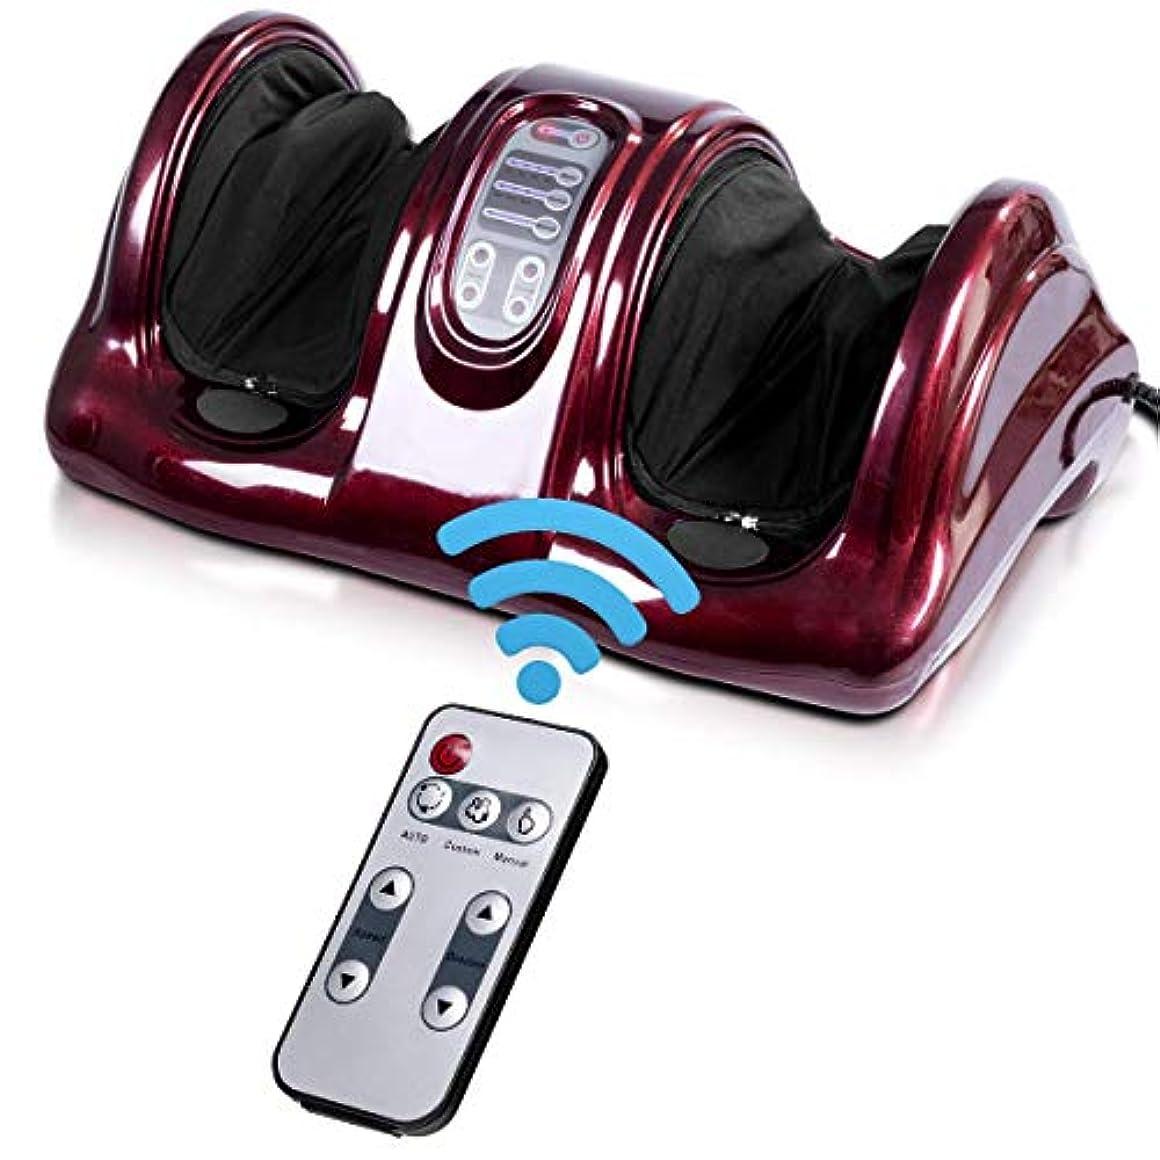 類人猿借りているバイオリニスト[Giantex][Giantex Foot Massager Machine Massage for Feet, Chronic Nerve Pain Therapy Spa Gift Deep Kneading Rolling Massage for Leg Calf Ankle, Electric Shiatsu Foot Massager w/ Remote, Burgundy](Parallel Imported Goods) (Burgundy)